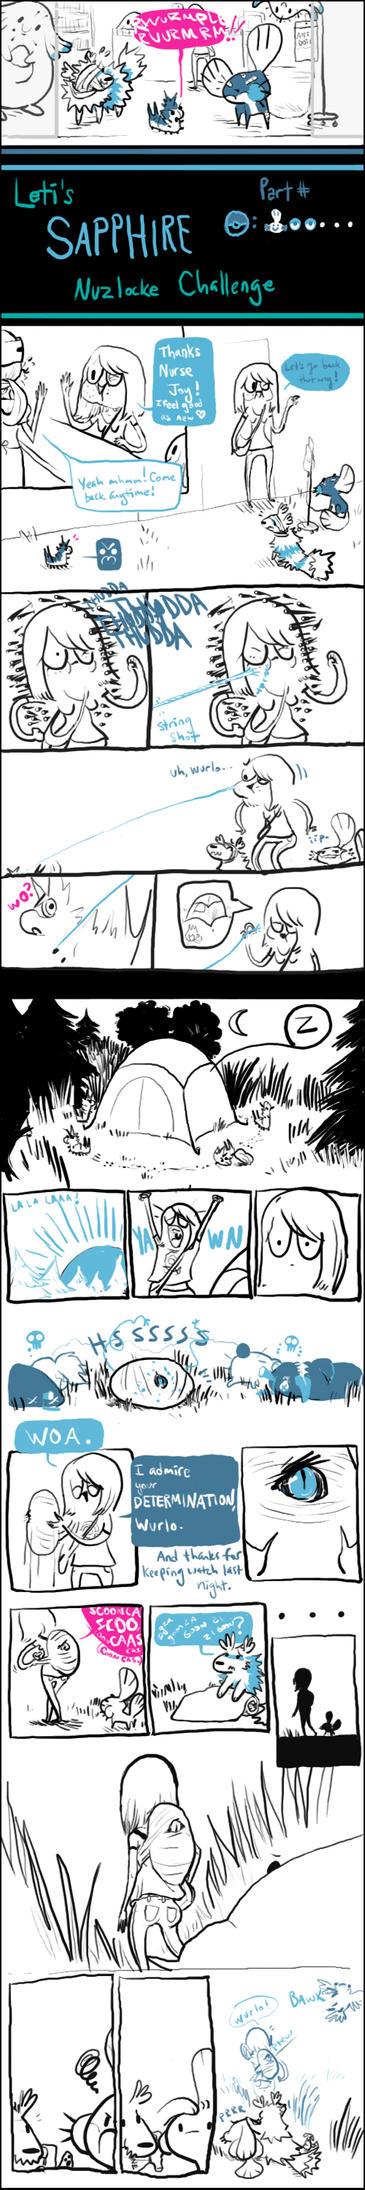 Sapphire: Part 8 by wucheydi